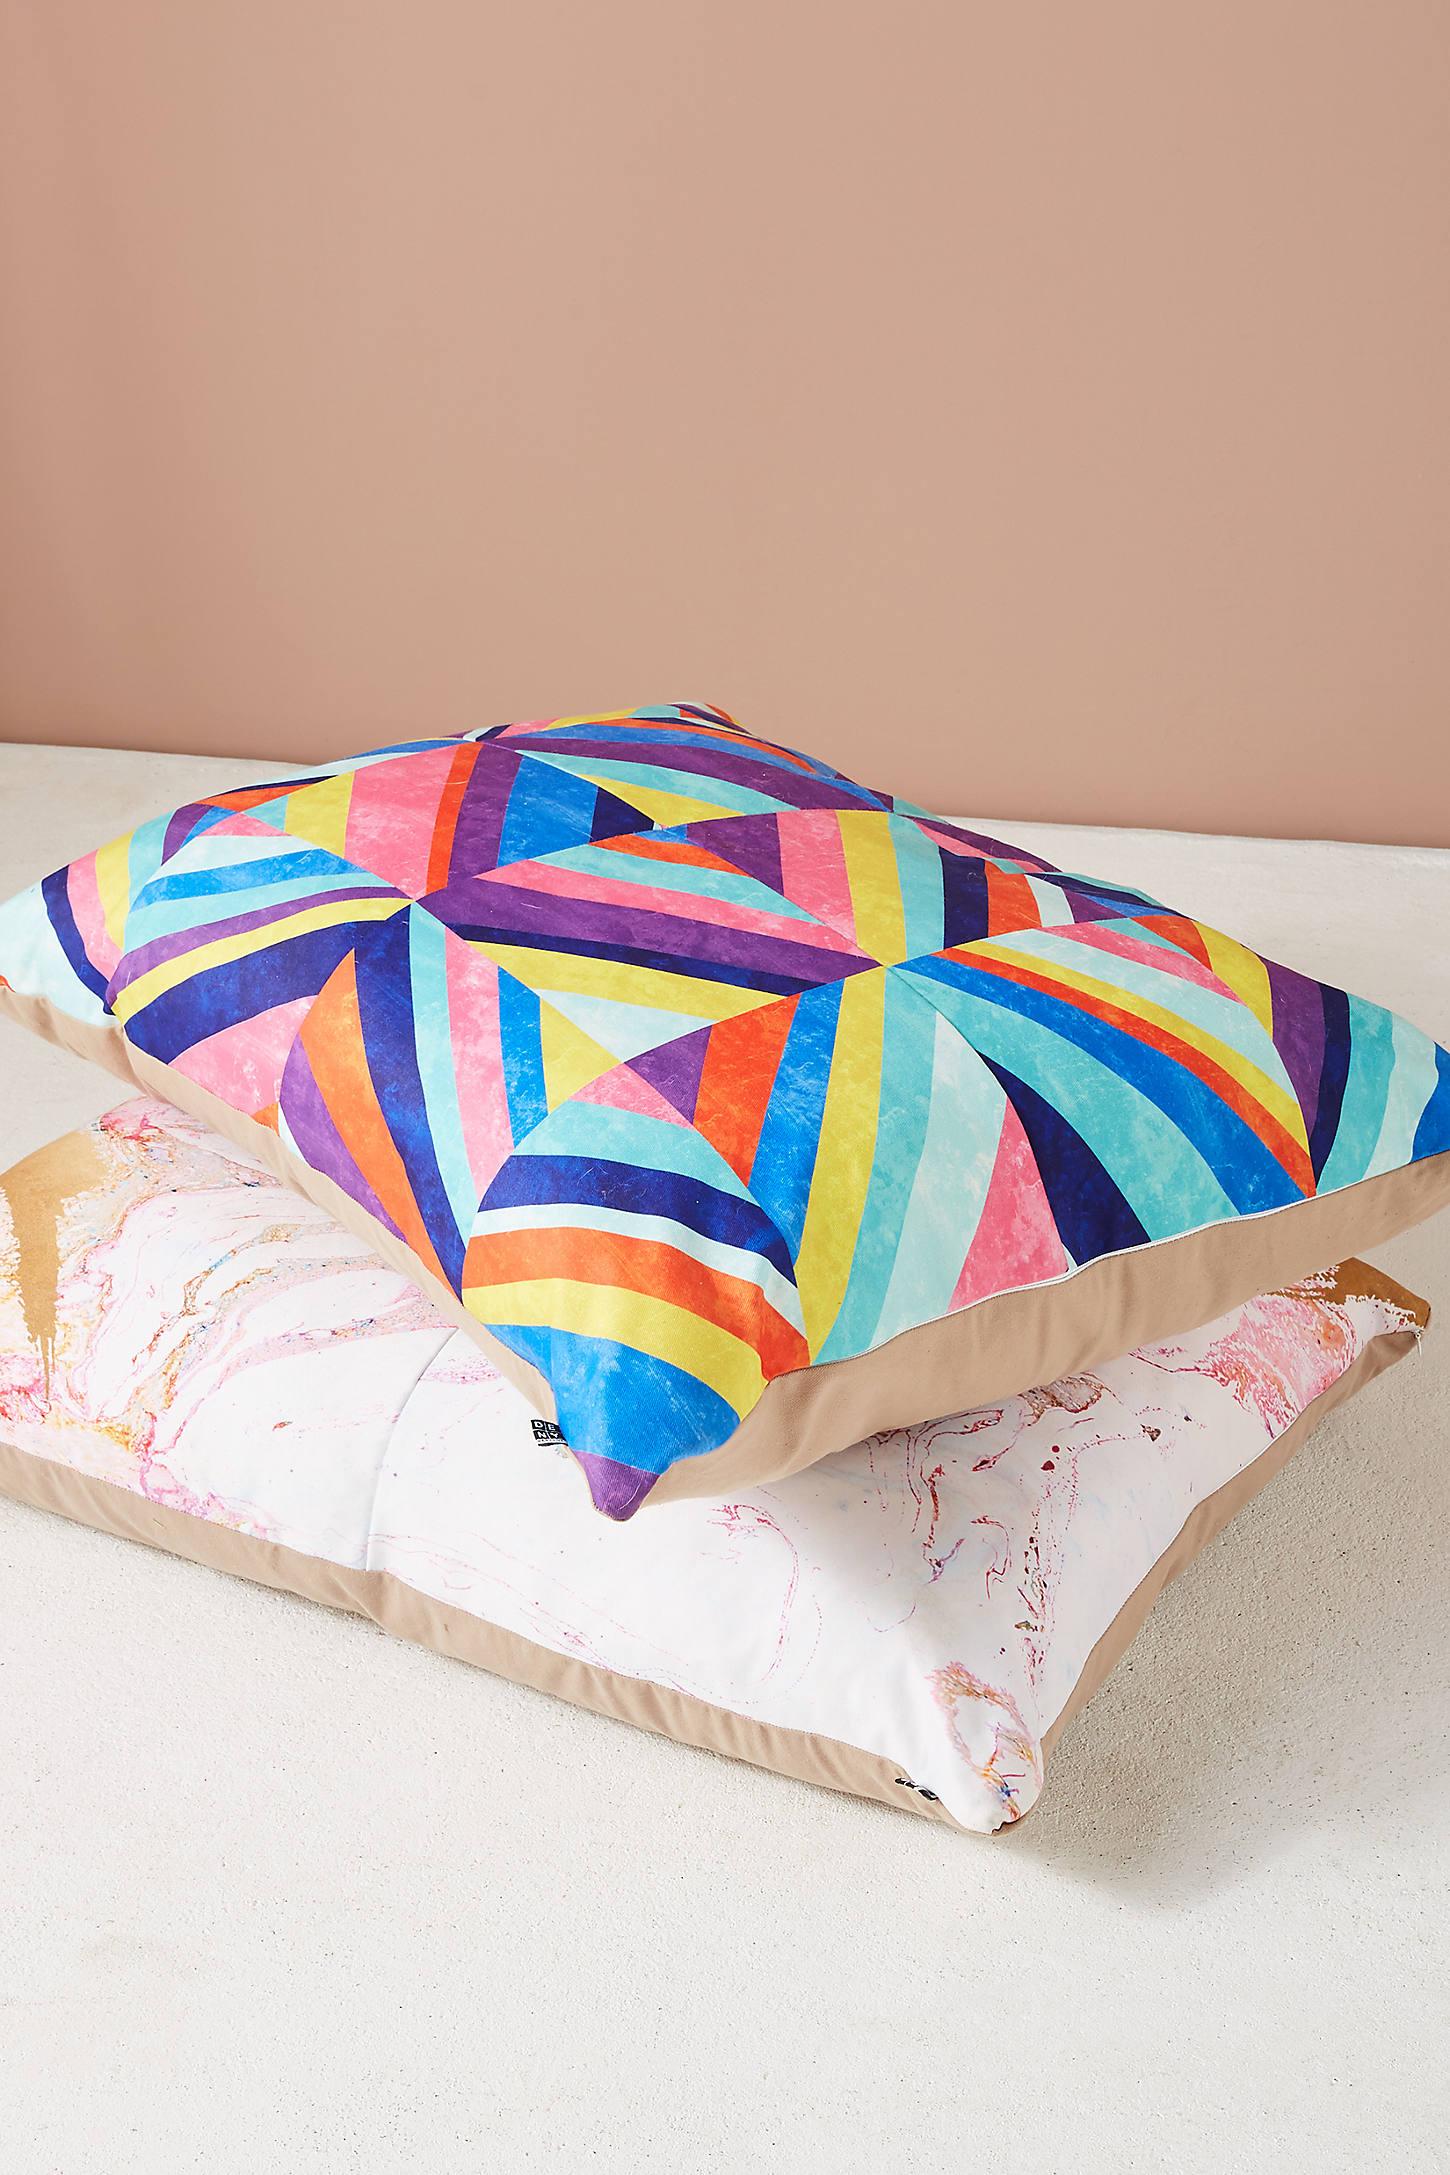 Deny Designs Dog Bed